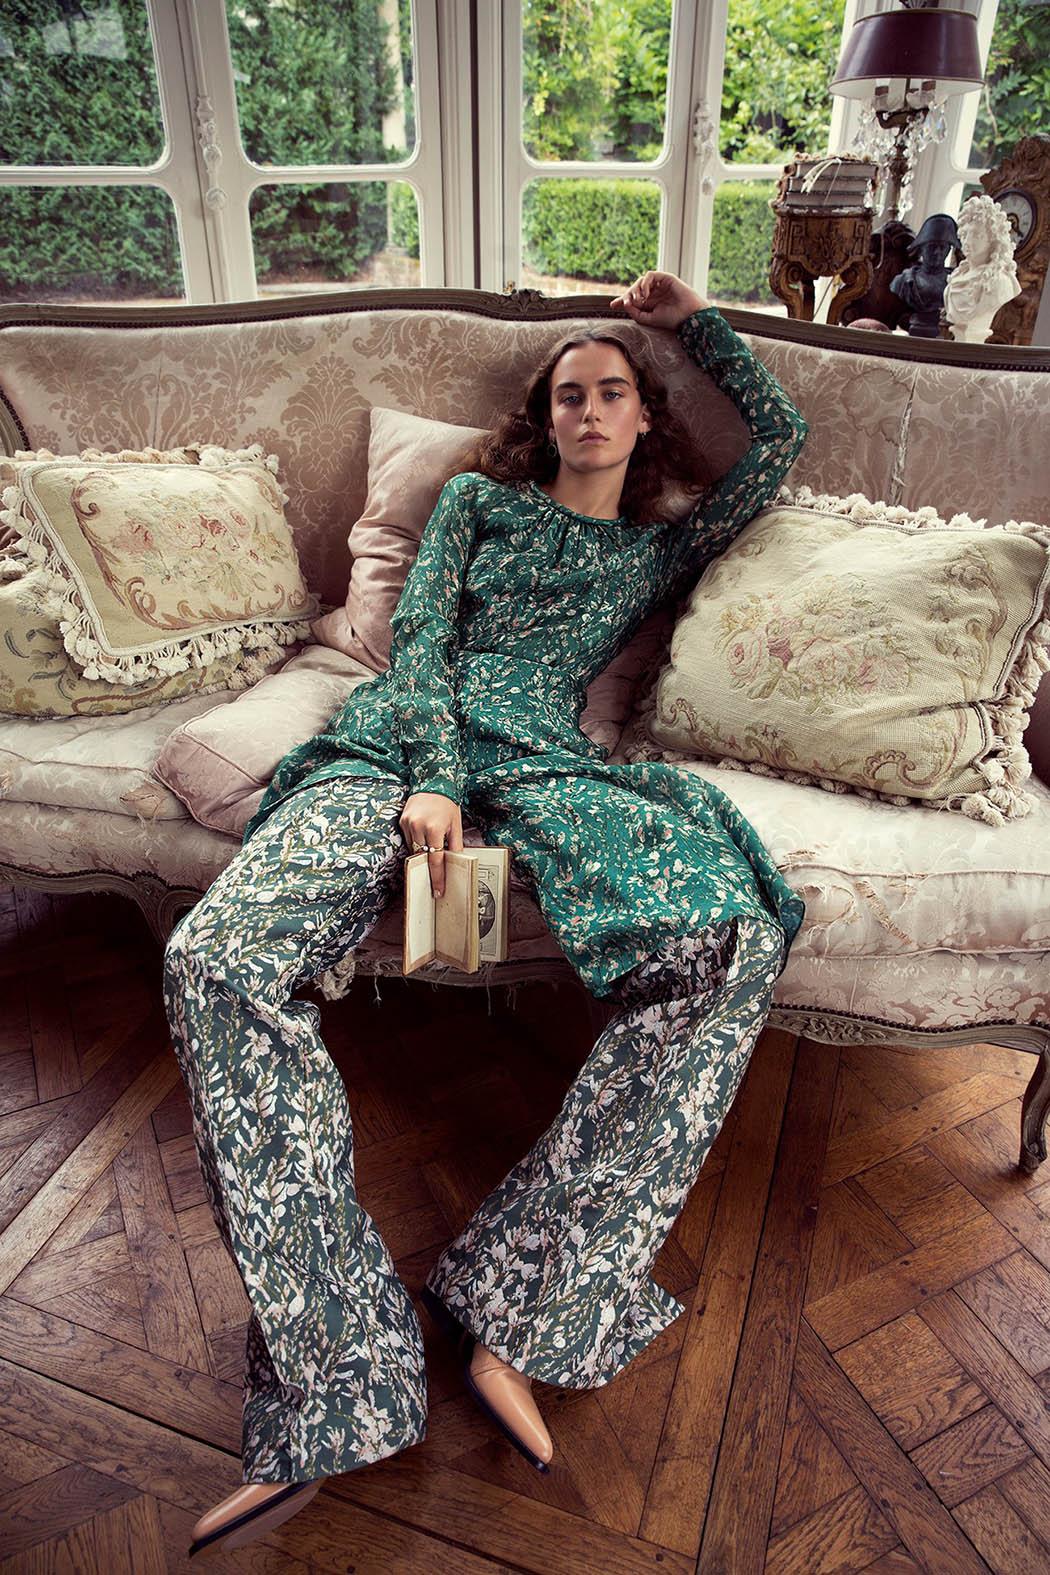 платье, брюки, H&M Conscious; ботинки, Chloé